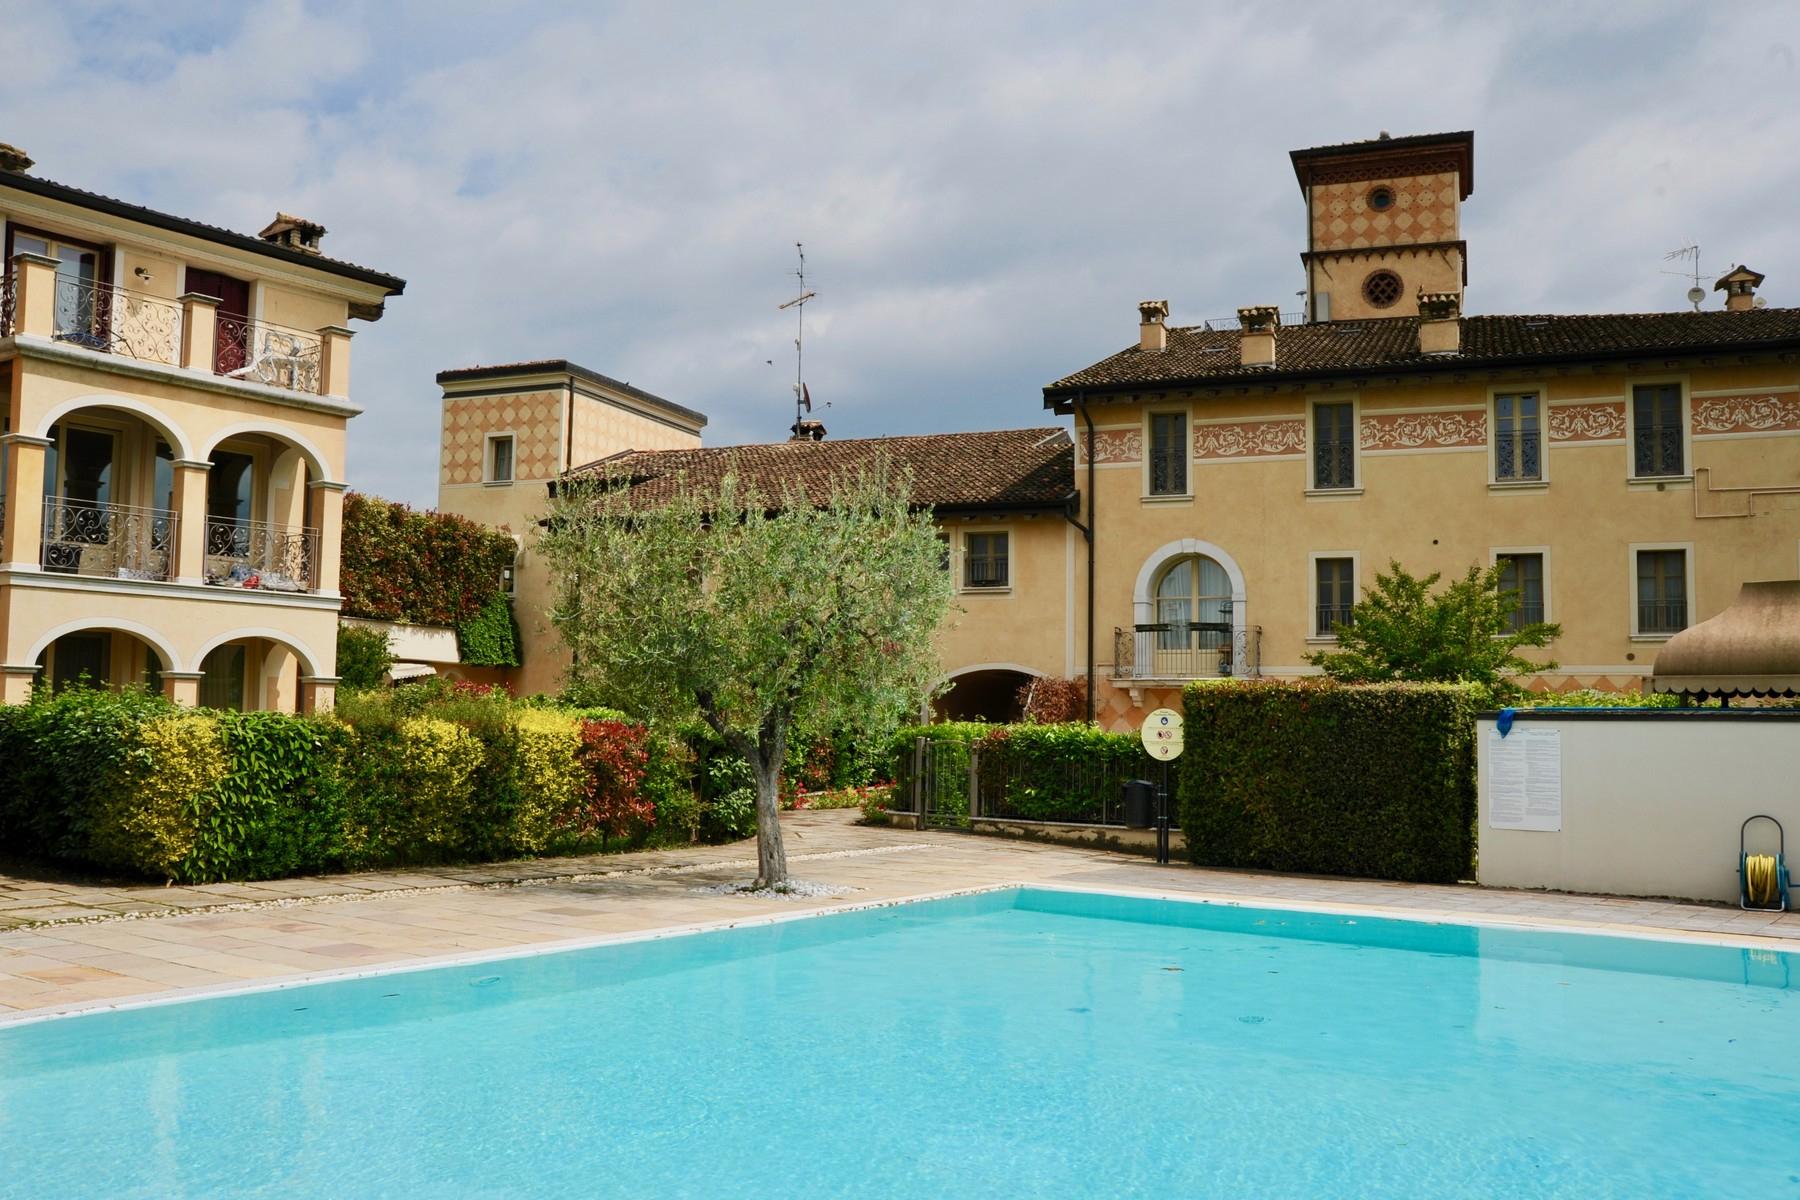 Casa indipendente in Vendita a Desenzano Del Garda: 5 locali, 300 mq - Foto 1